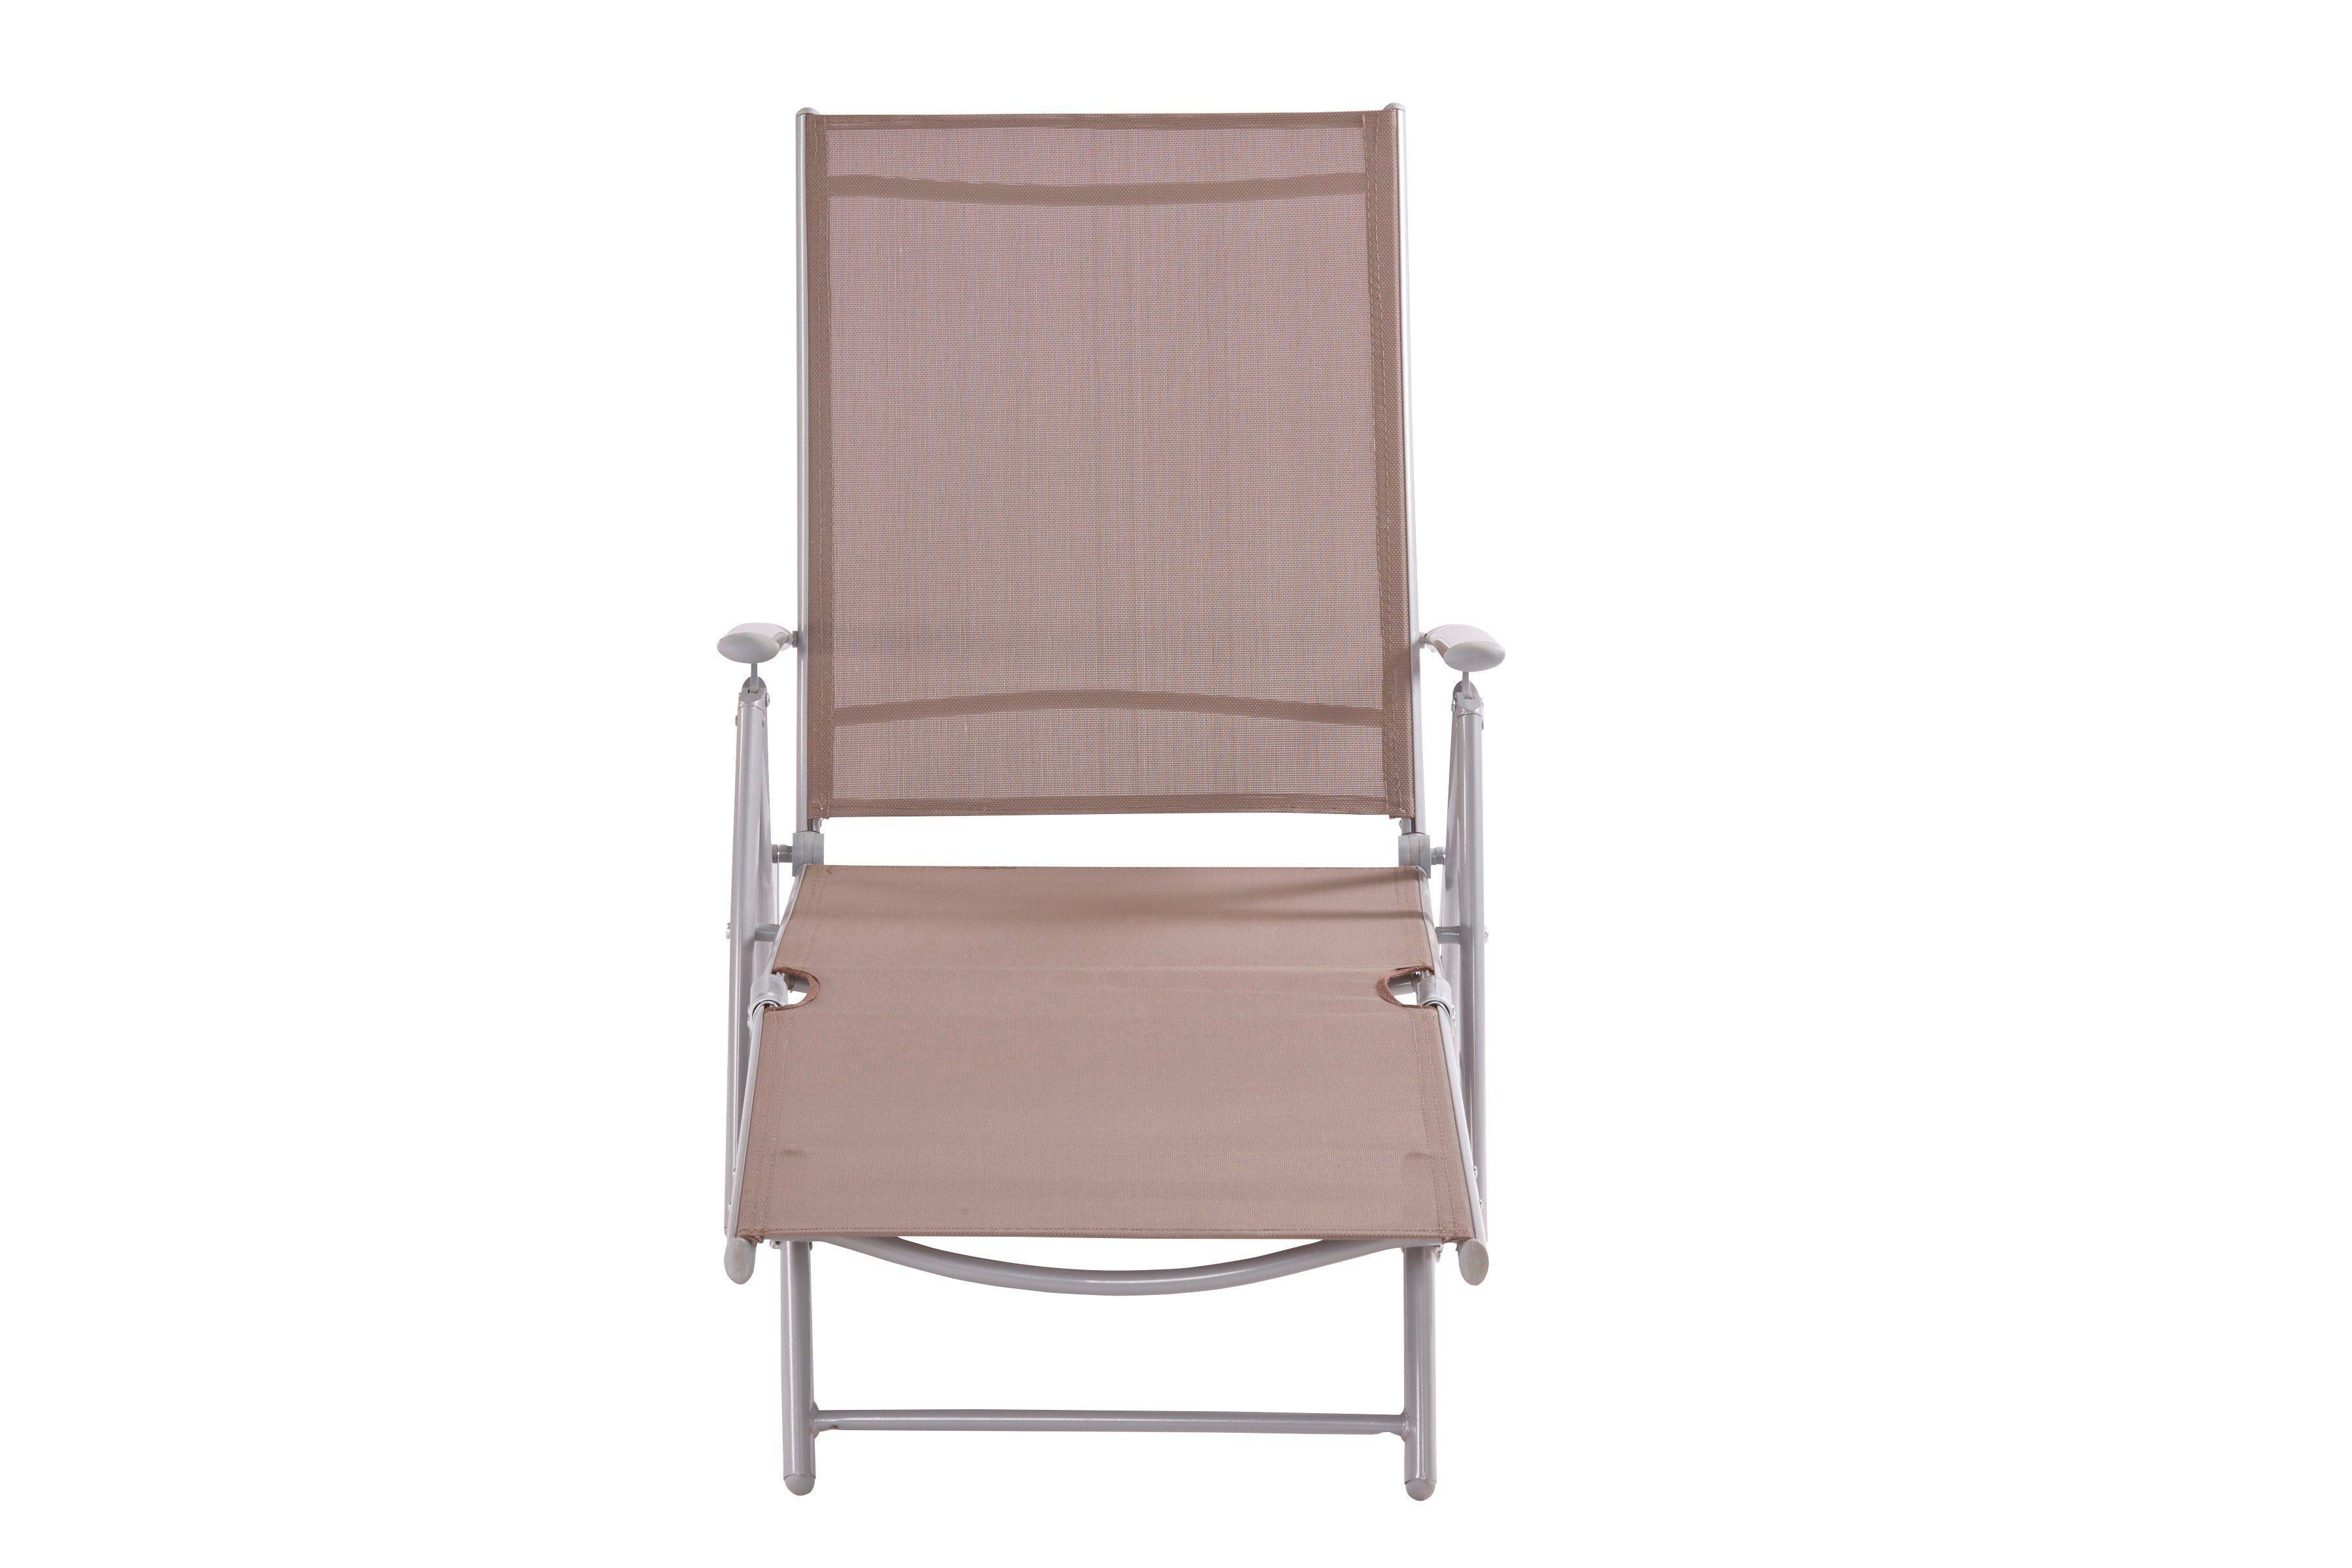 Ligstoel Tuin Aluminium : Ligstoel aluminium tuinligstoel zwart ligbed ligstoel relaxligstoel